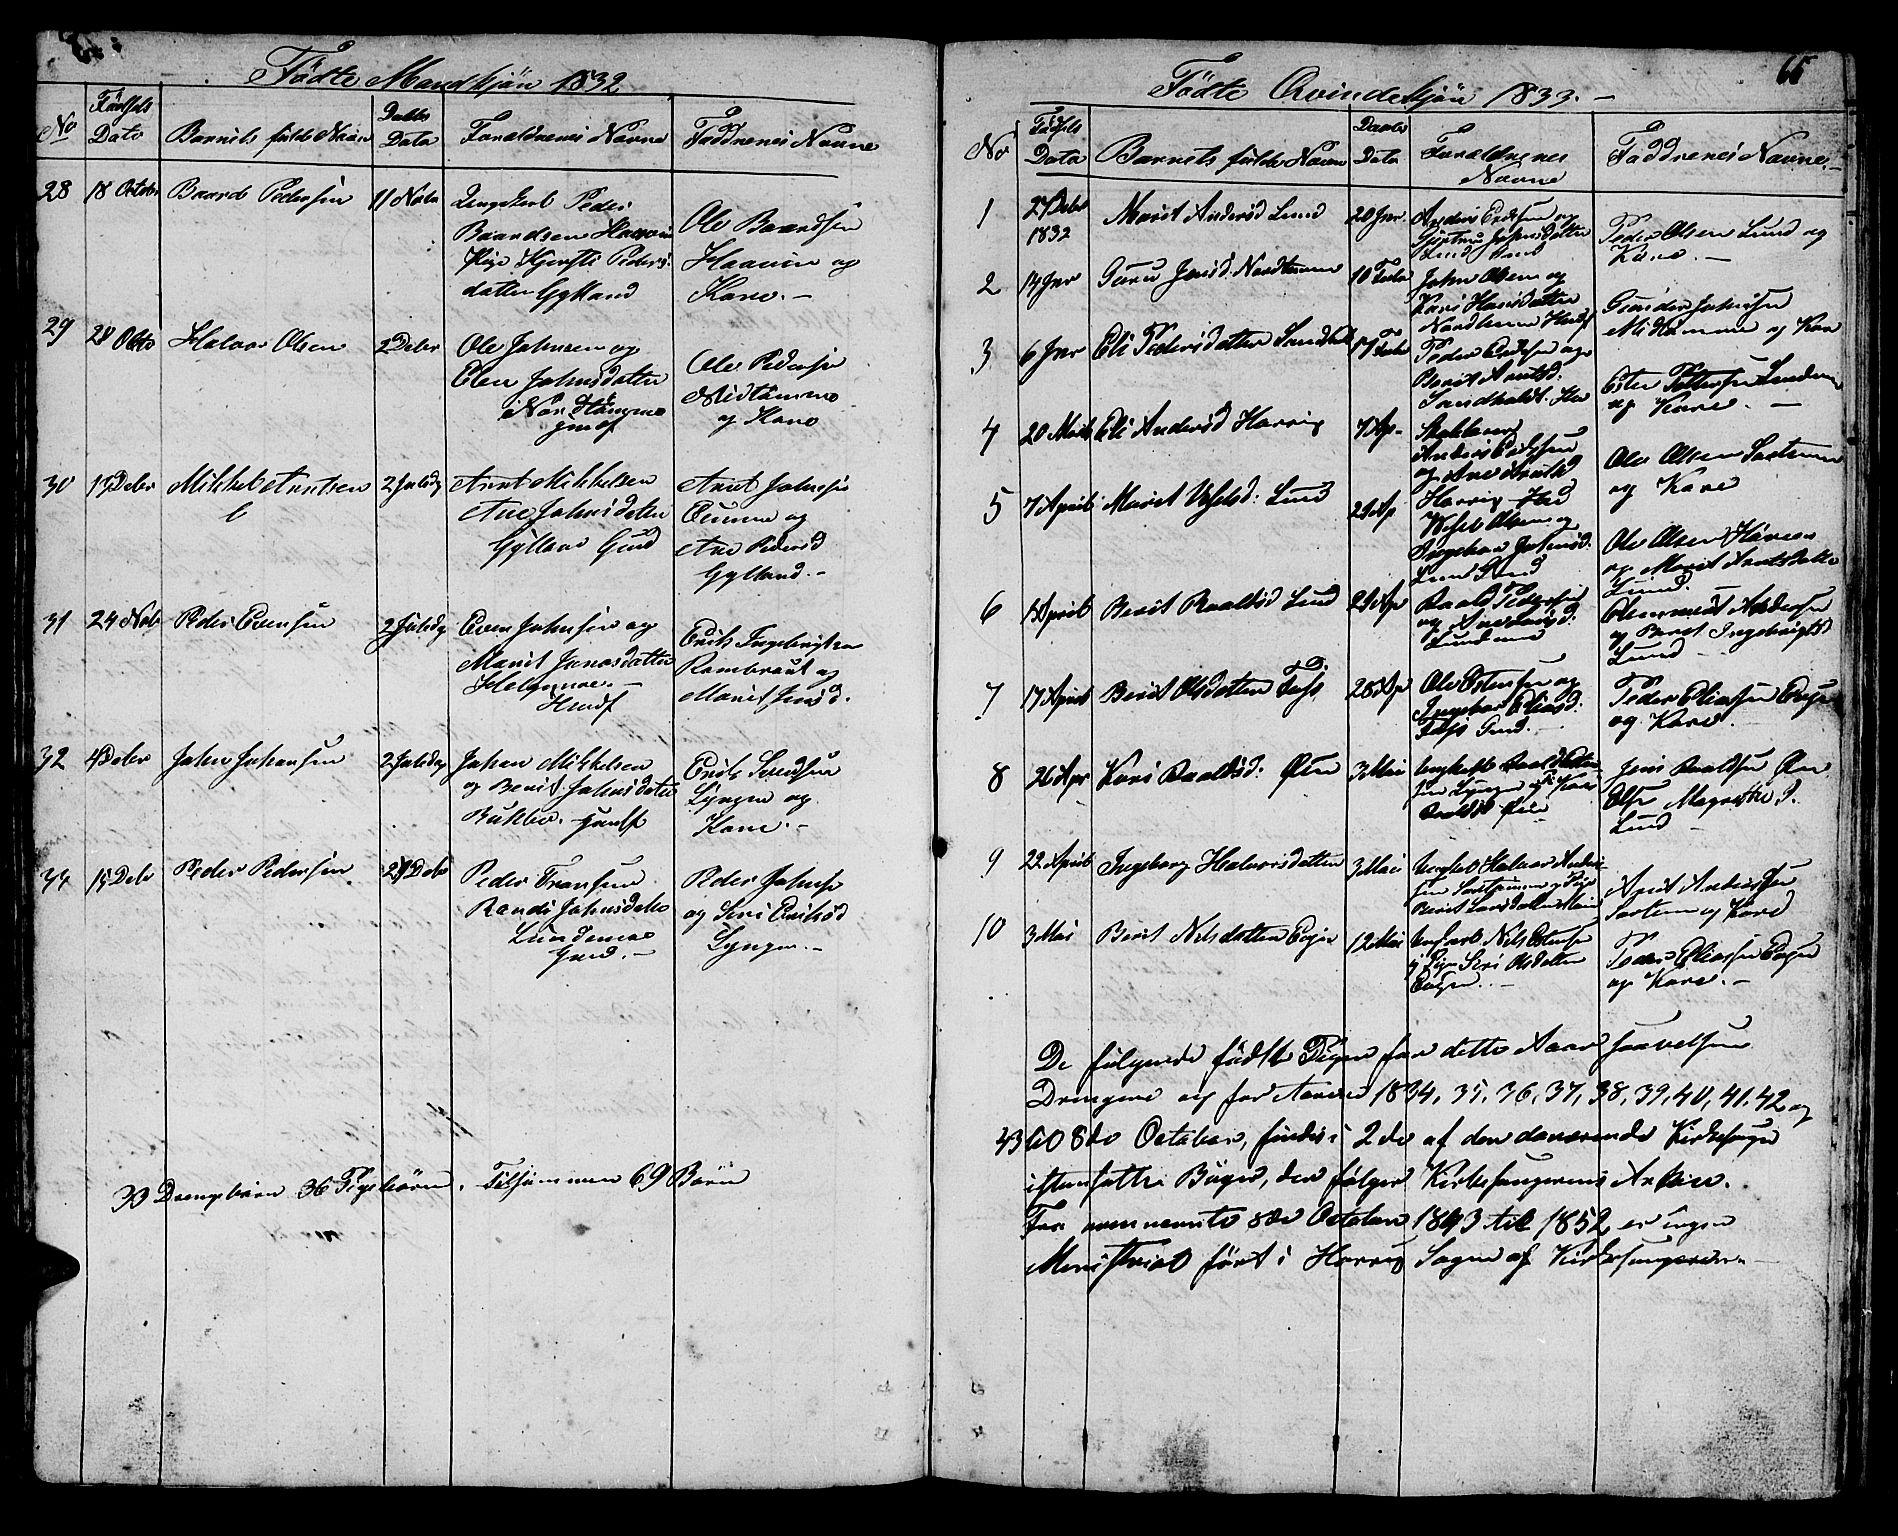 SAT, Ministerialprotokoller, klokkerbøker og fødselsregistre - Sør-Trøndelag, 692/L1108: Klokkerbok nr. 692C03, 1816-1833, s. 66